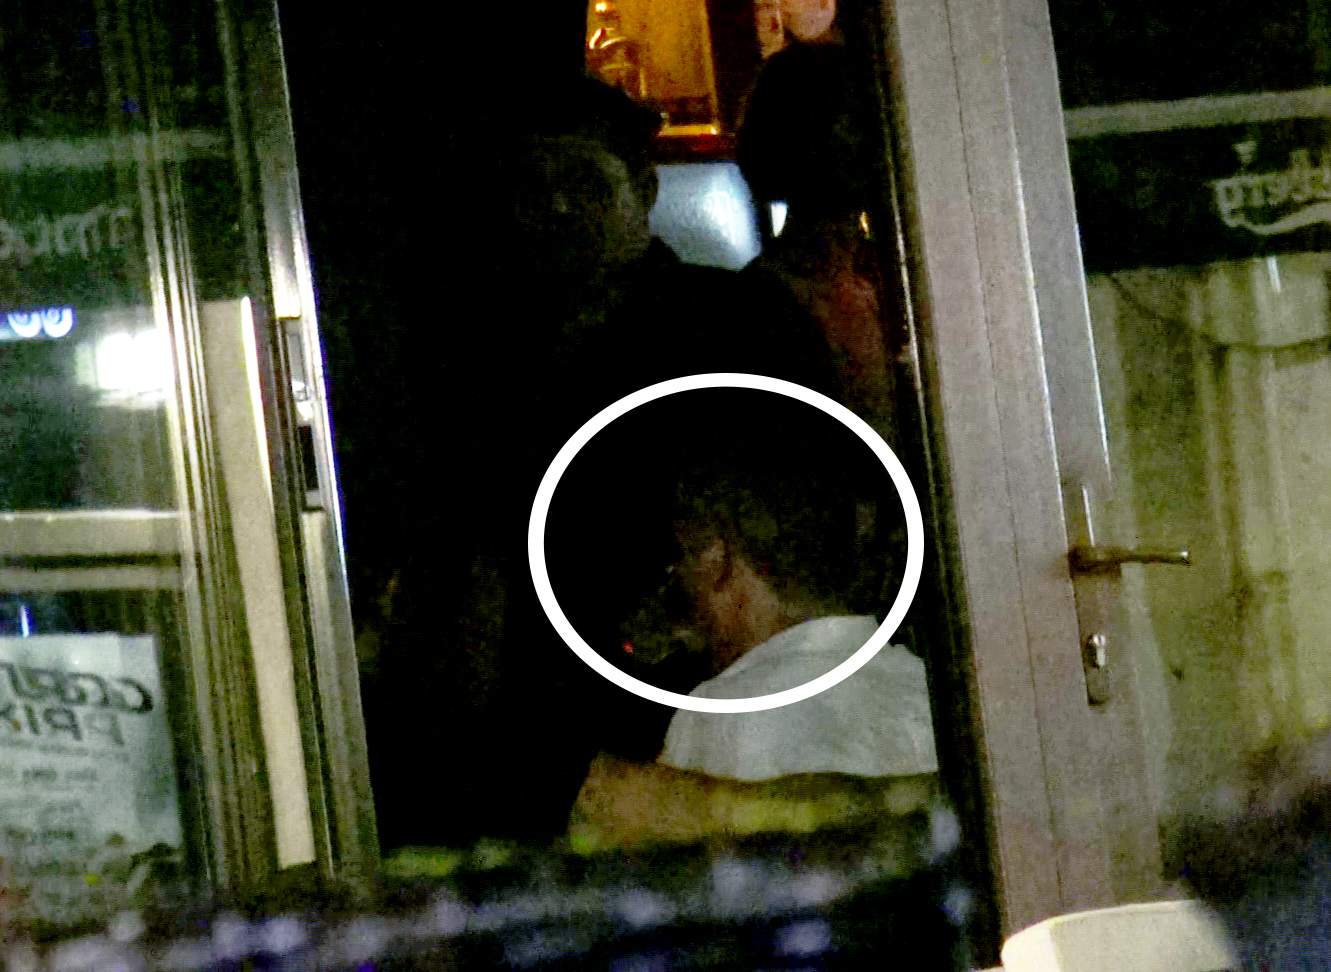 Stelistul a dat peste cap un pahar cu alcool ca sa intre in atmosfera din club